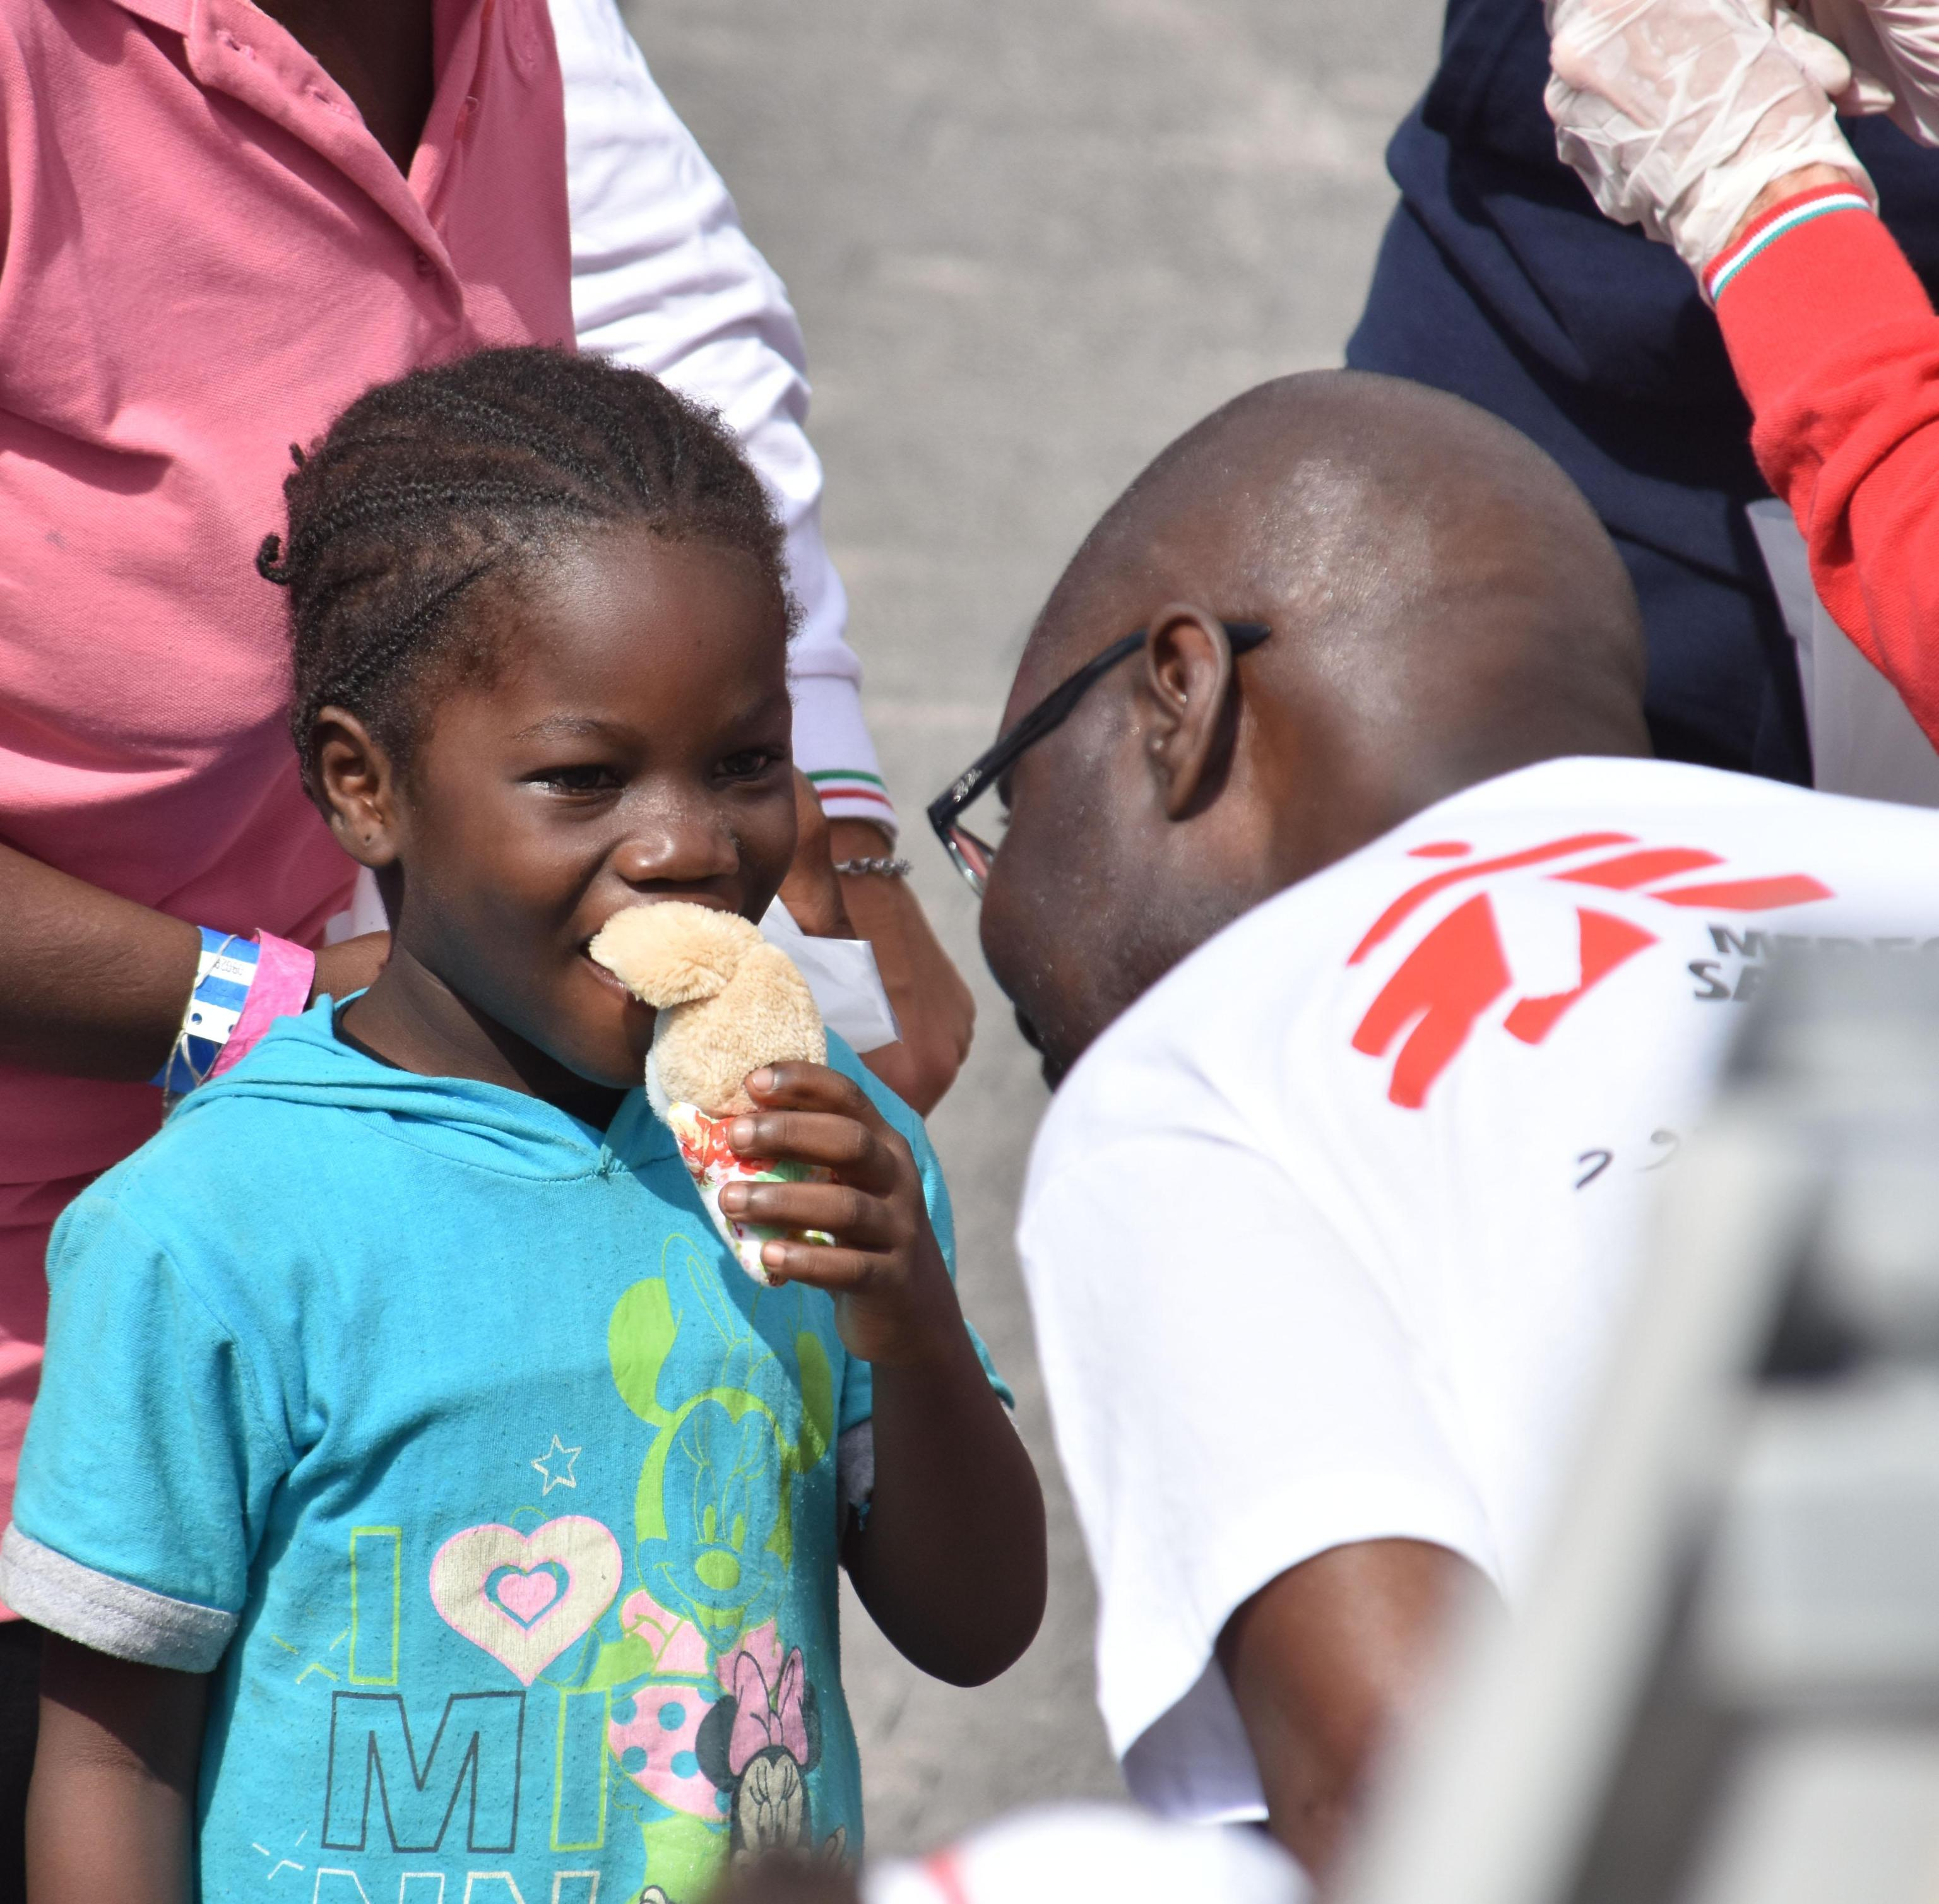 Catania, arrivata la nave Diciotti con oltre 900 migranti a bordo